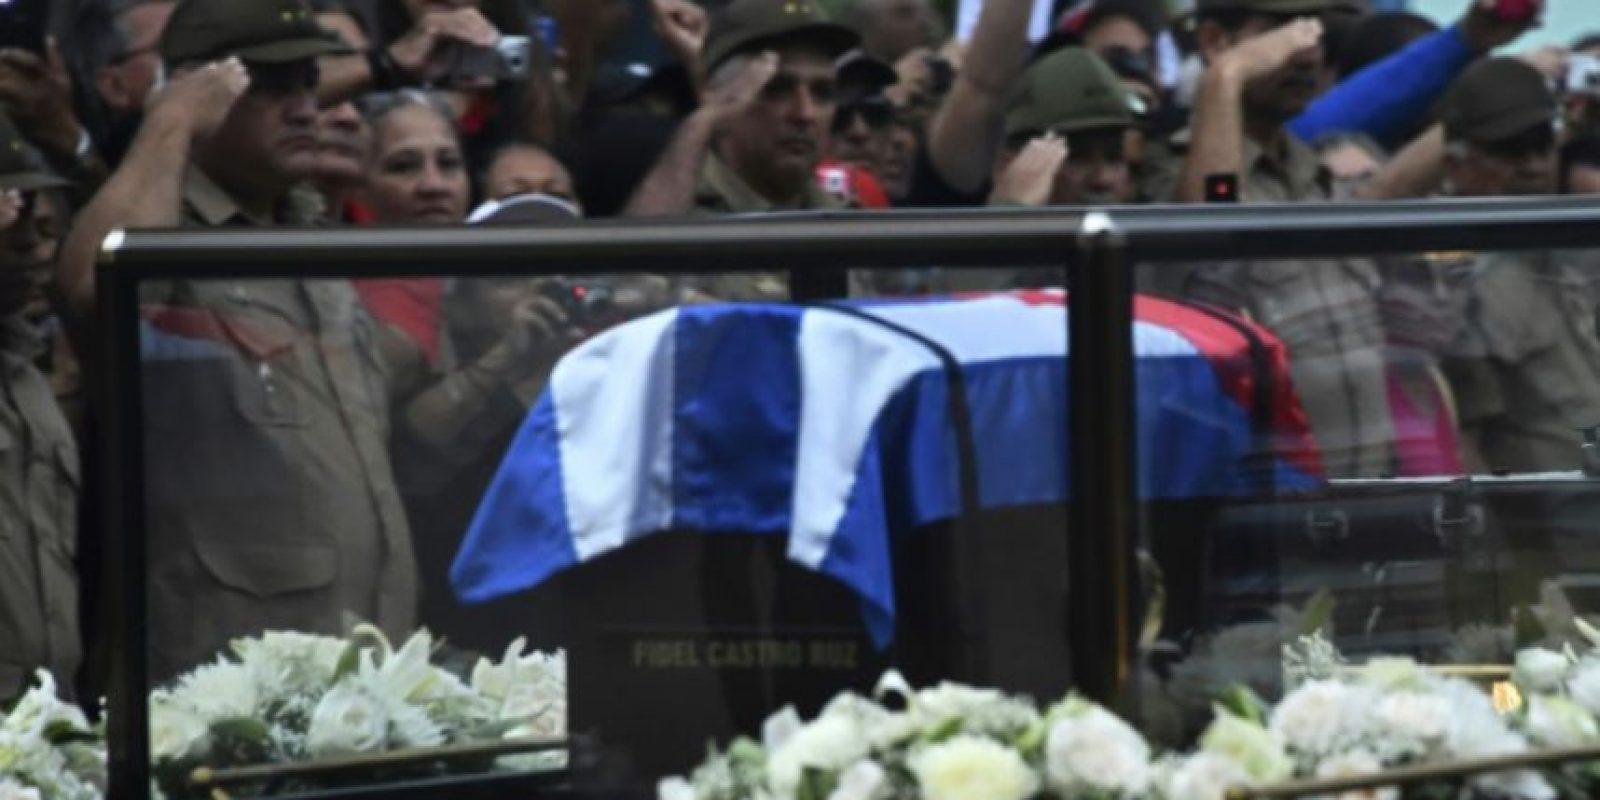 La urna con las cenizas del expresidente cubano Fidel Castro, a su paso por la localidad de Bayamo, durante su cortejo fúnebre antes de su funeral, el 3 de diciembre de 2016 Foto:Rodrigo Arangua/afp.com